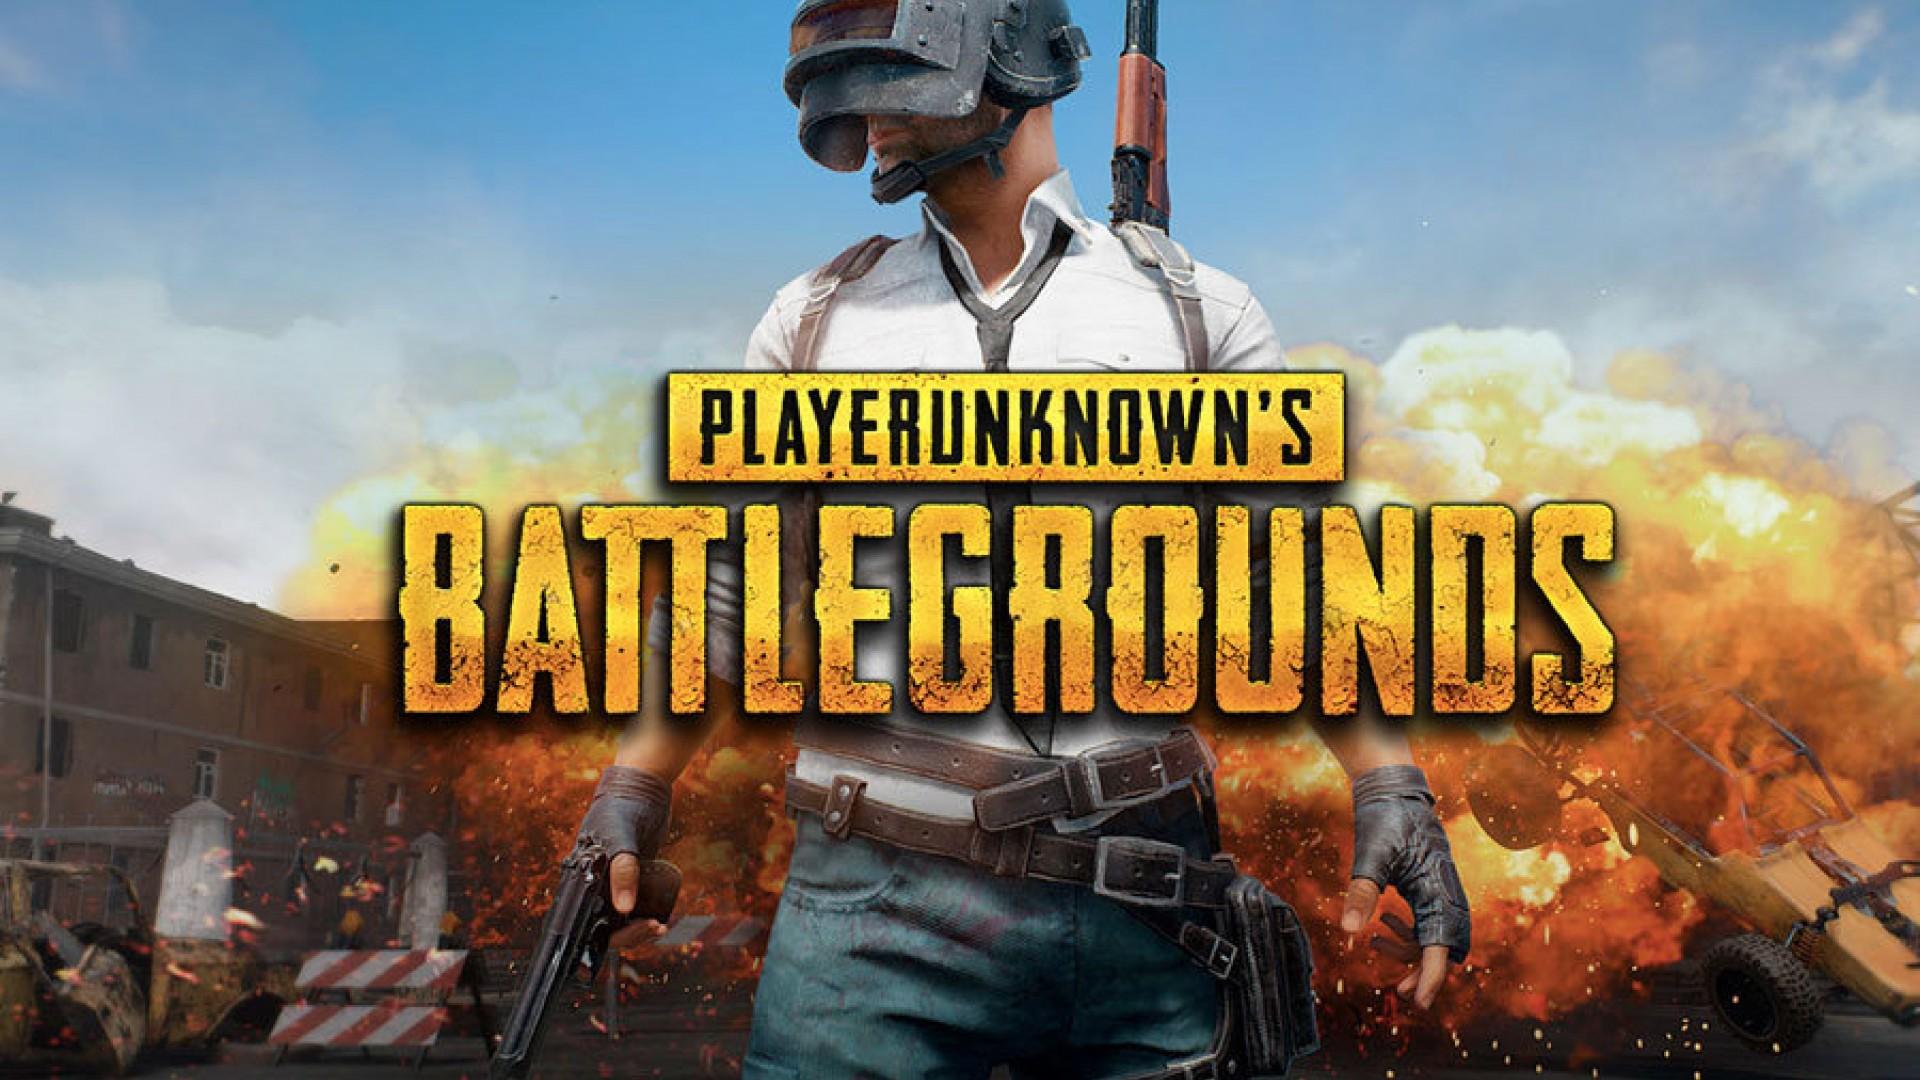 تریلر جدیدی از بهروزرسان ۴٫۲ بازی PlayerUnknown's Battlegrounds منتشر شد